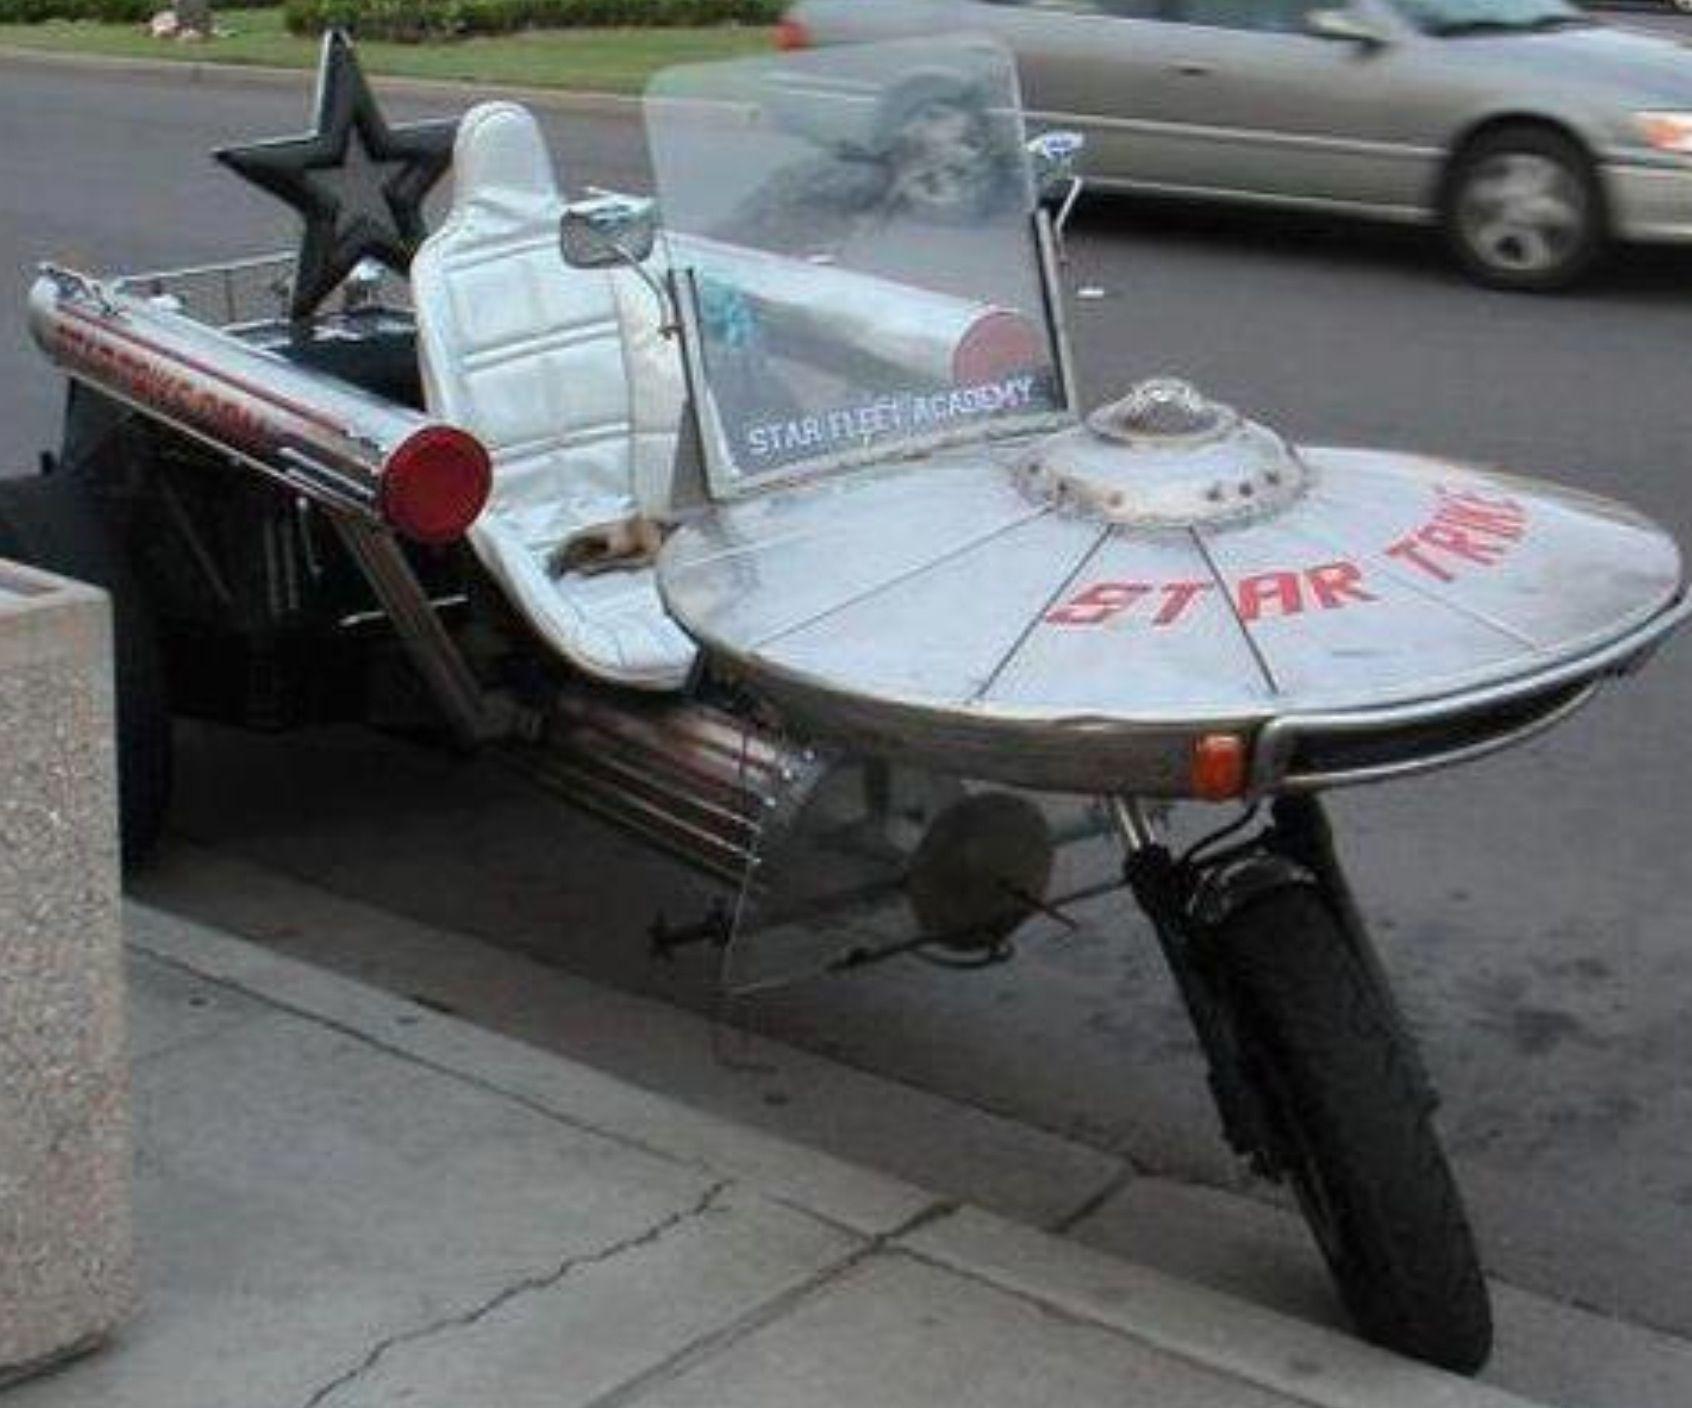 Great bike!